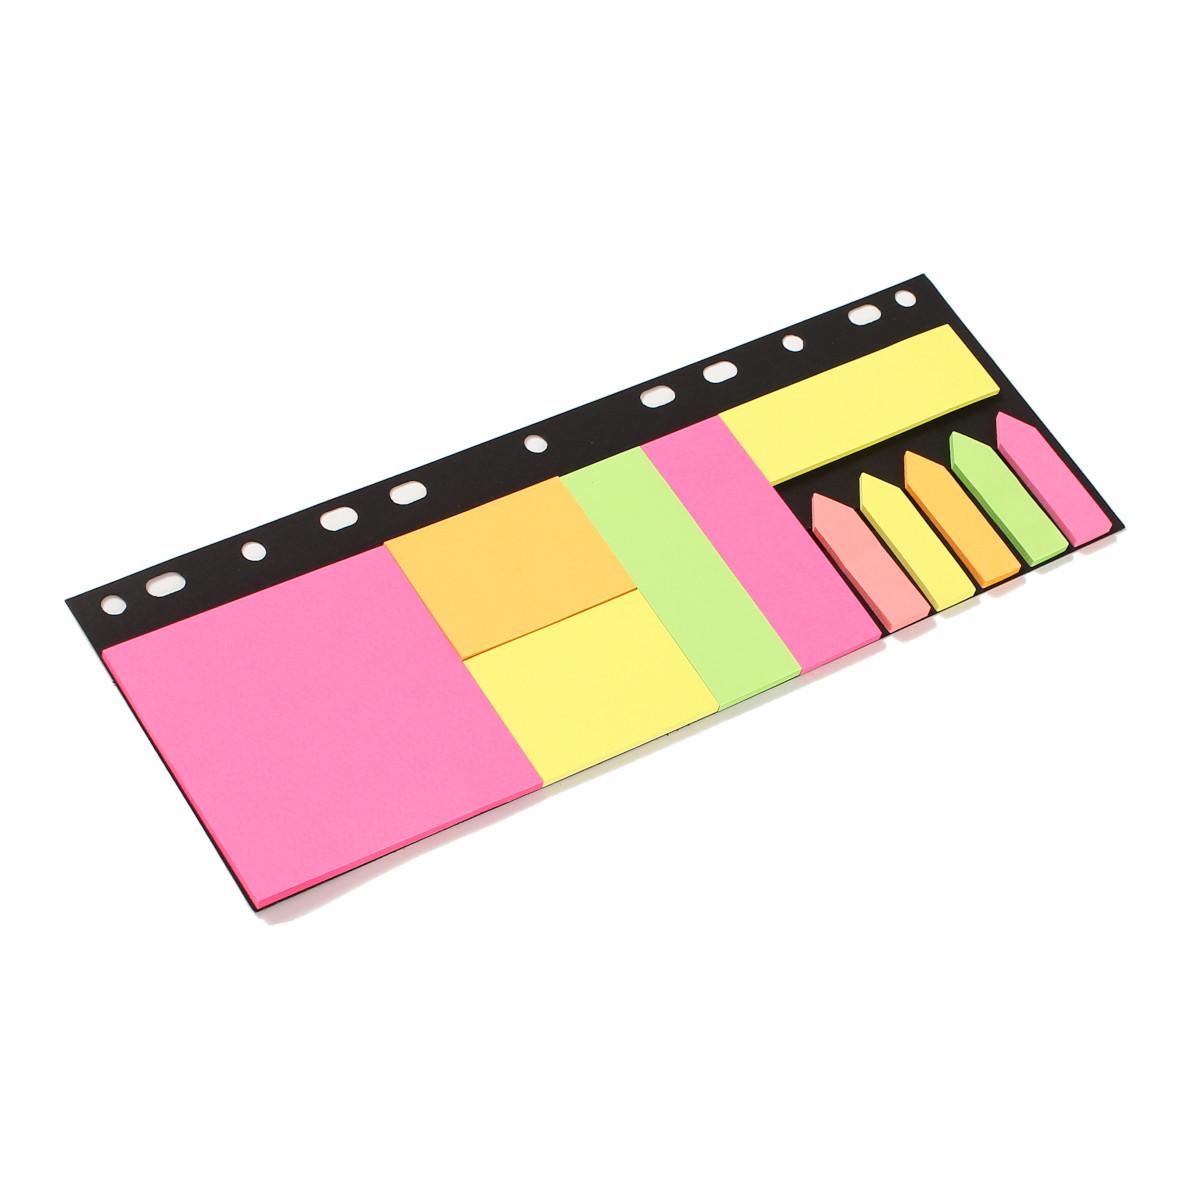 Blocos de Papel Auto Adesivos (Stick Notes) Coloridos